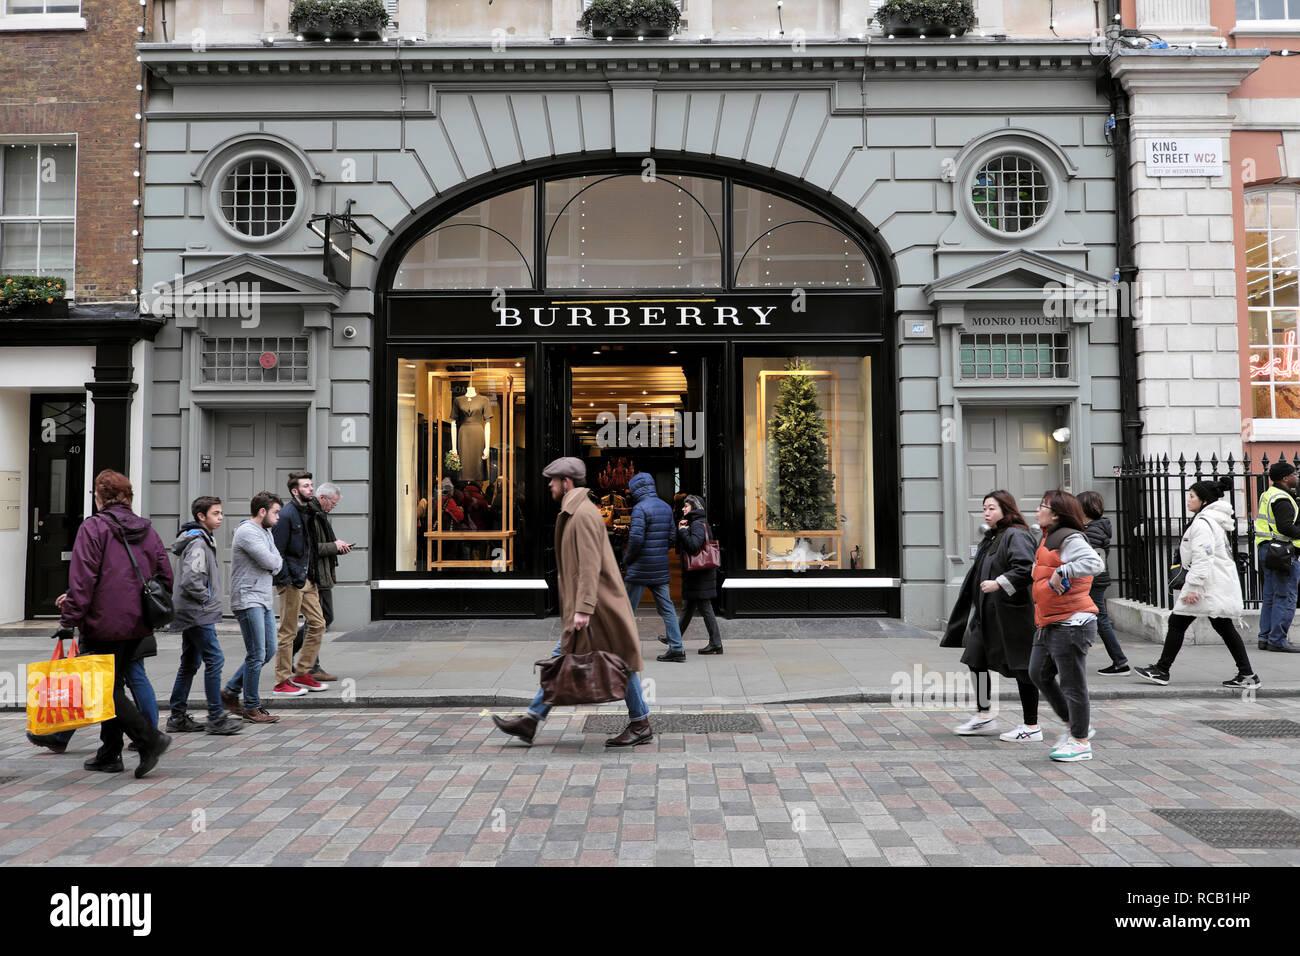 Shop Exterior Stock Photos & Shop Exterior Stock Images - Alamy